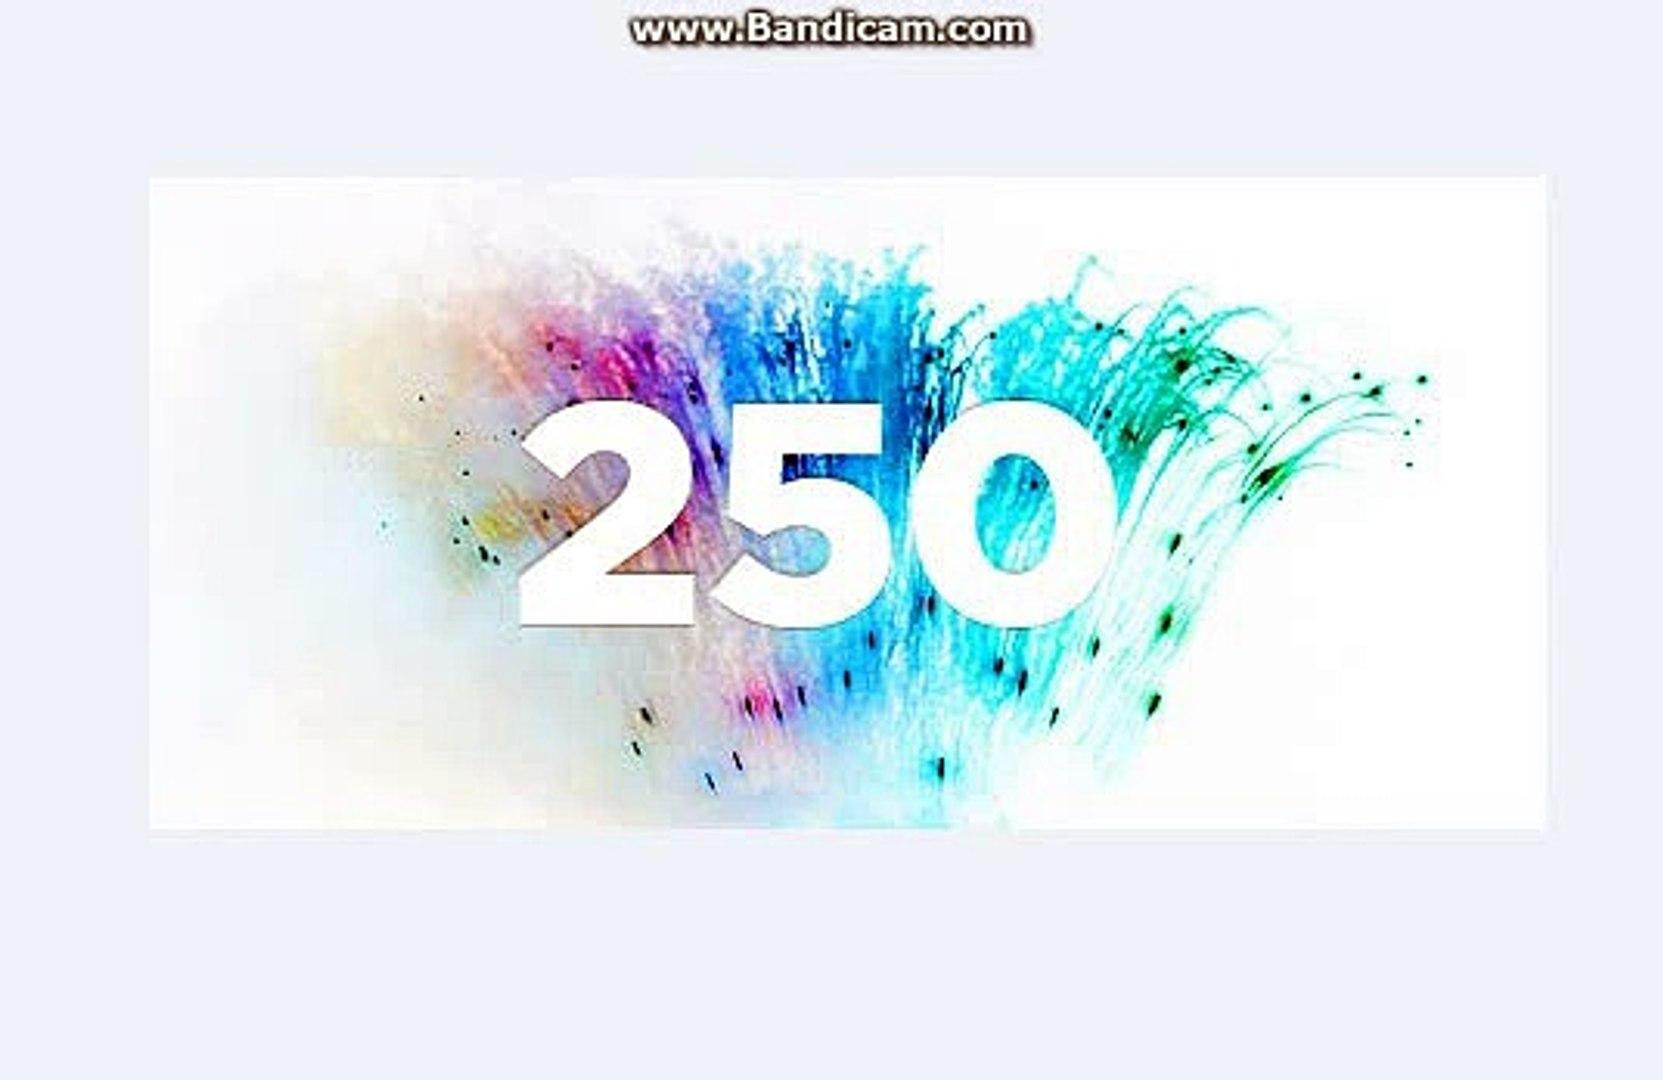 bandicam 2015 08 31 10 19 11 971Всем спасибо за 250 подписчиков!